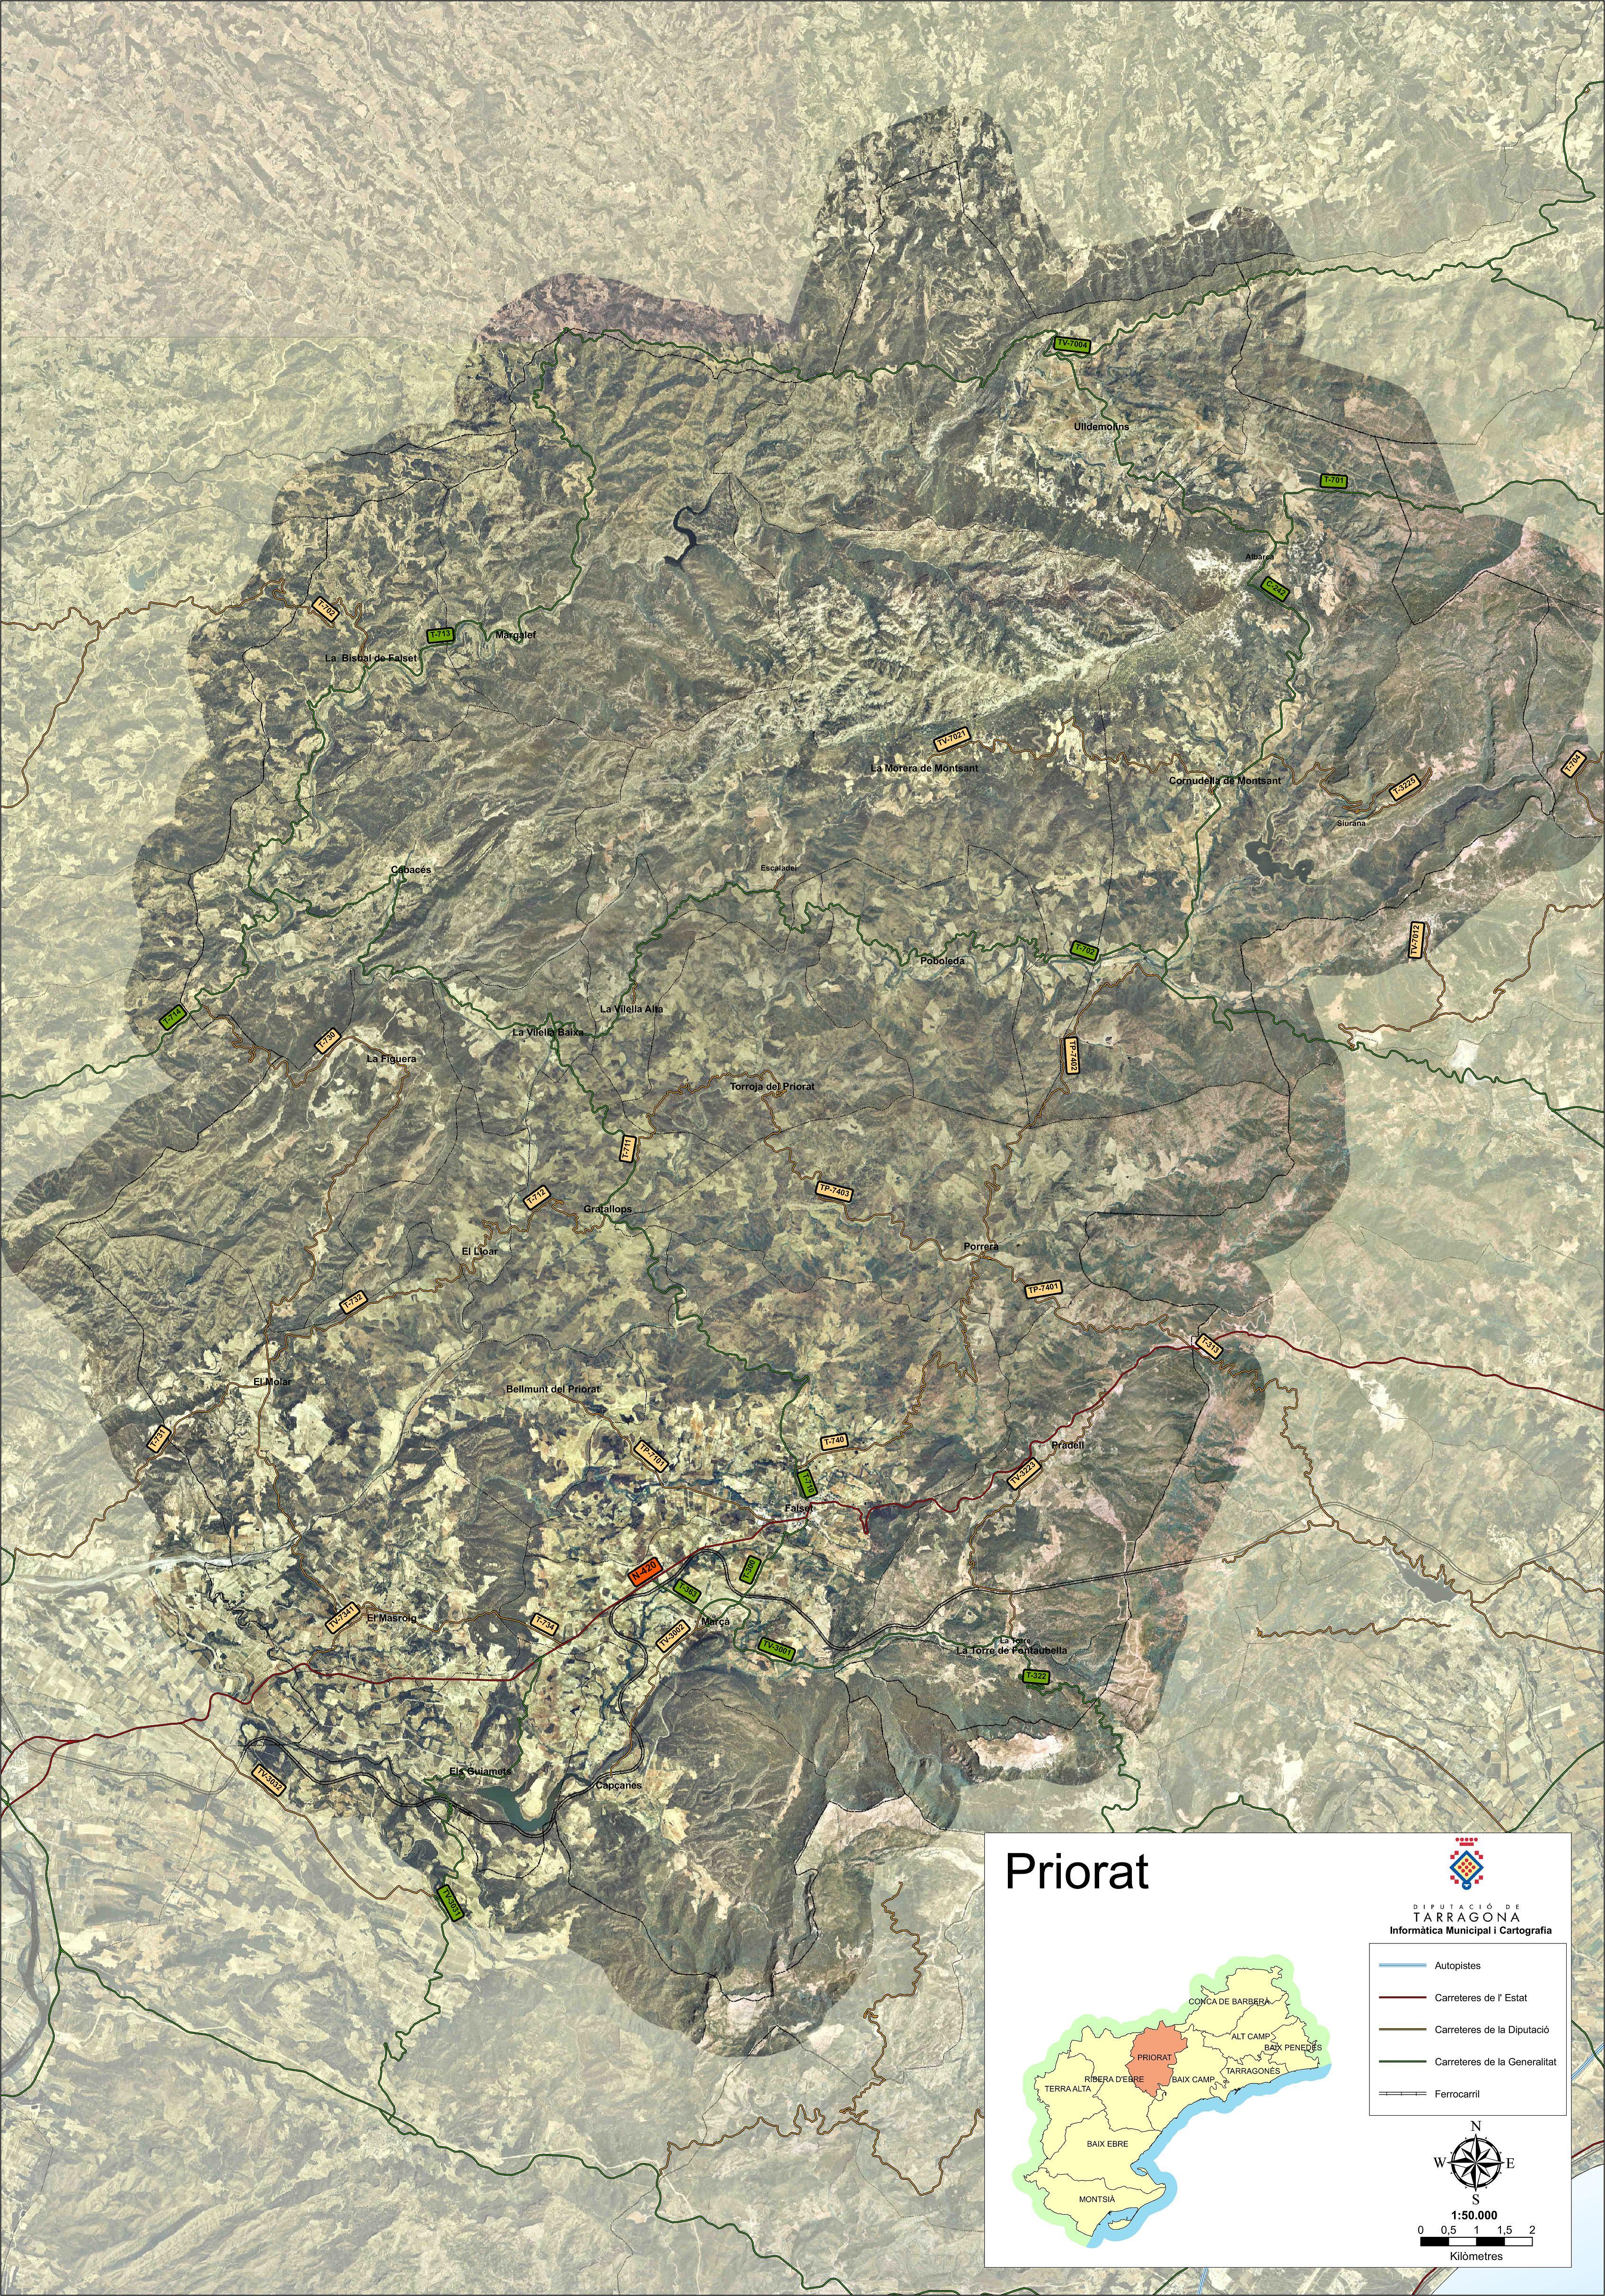 Mapa satelital con carreteras de la comarca de Priorat